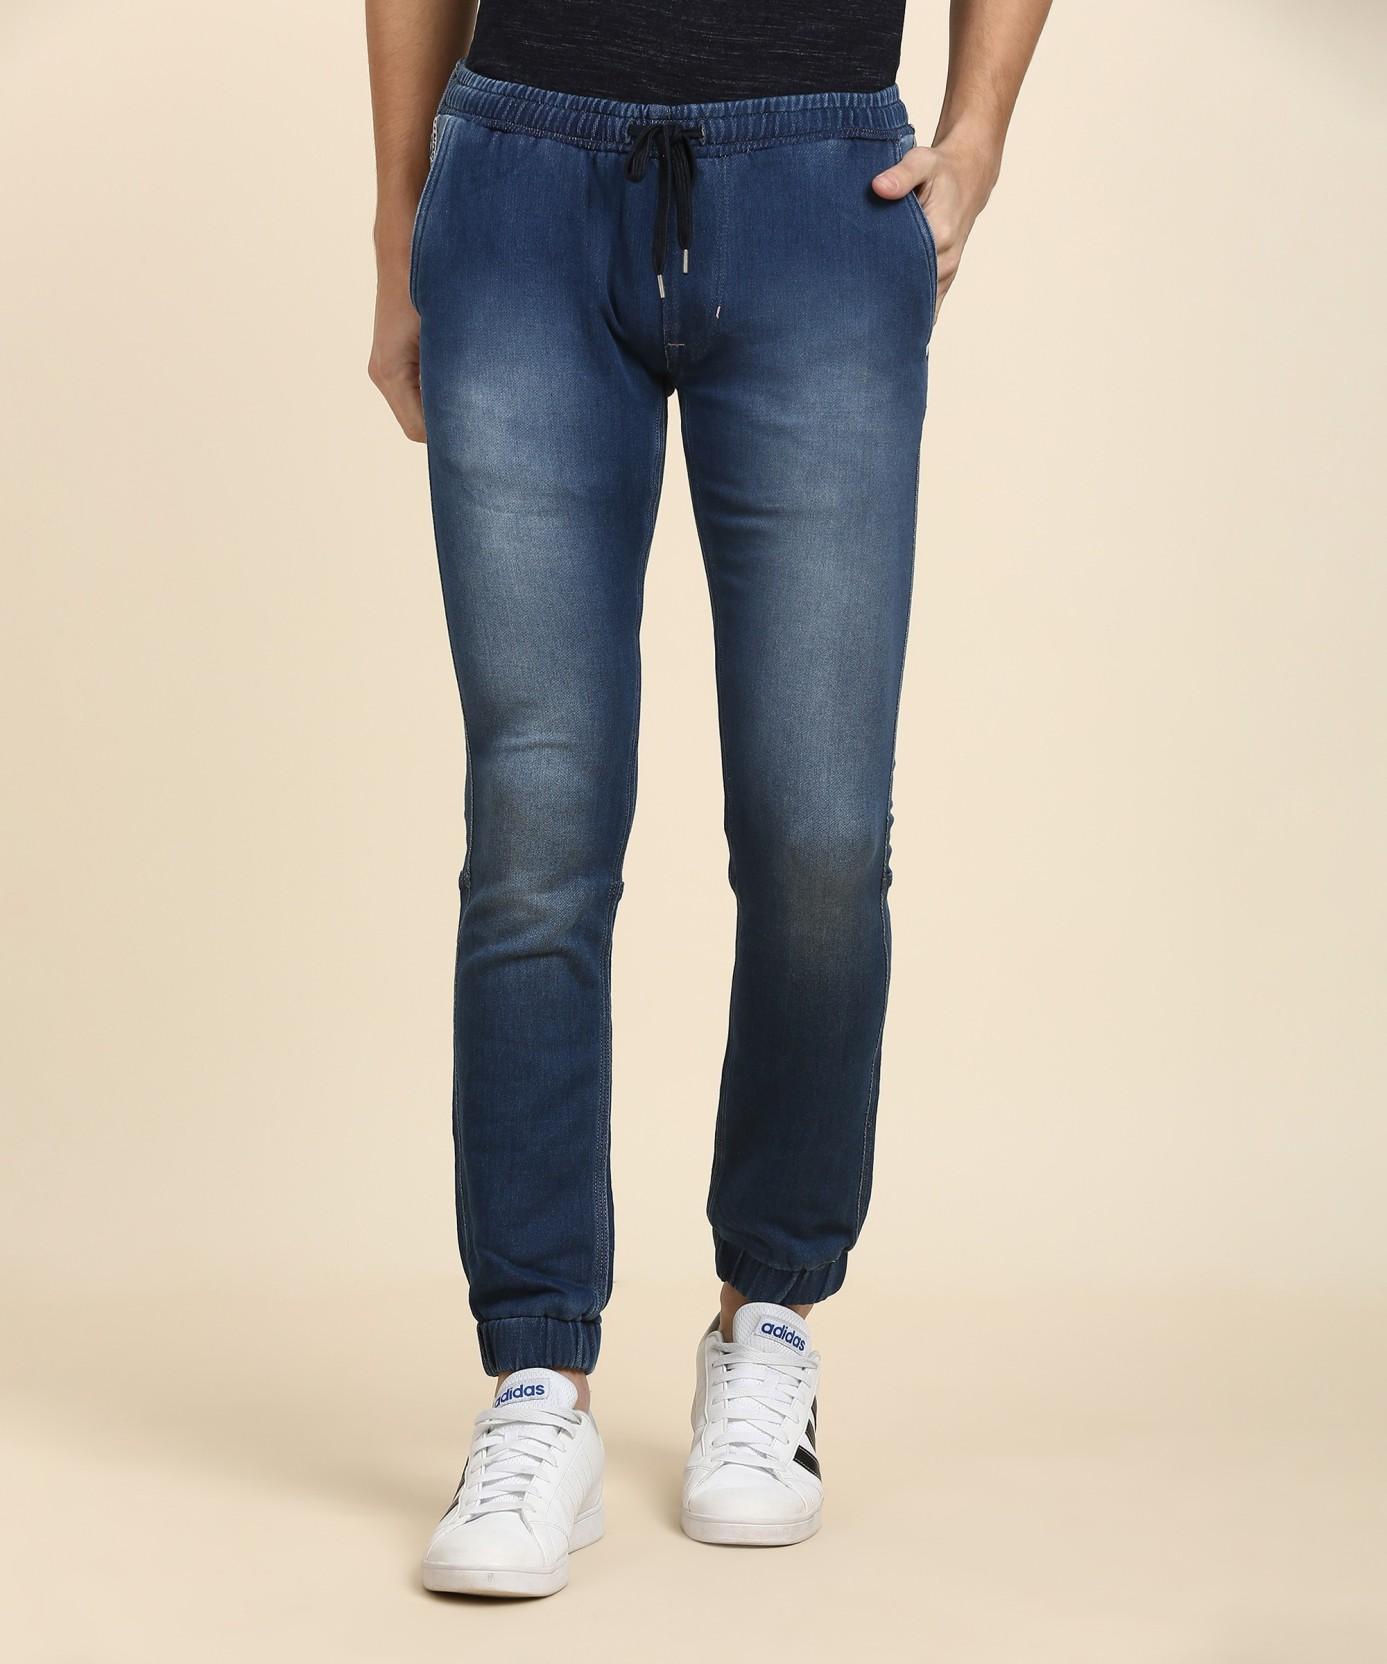 c54d98bf Lee Jogger Fit Men's Blue Jeans - Buy KNITTED BRUSHED BLUE Lee ...